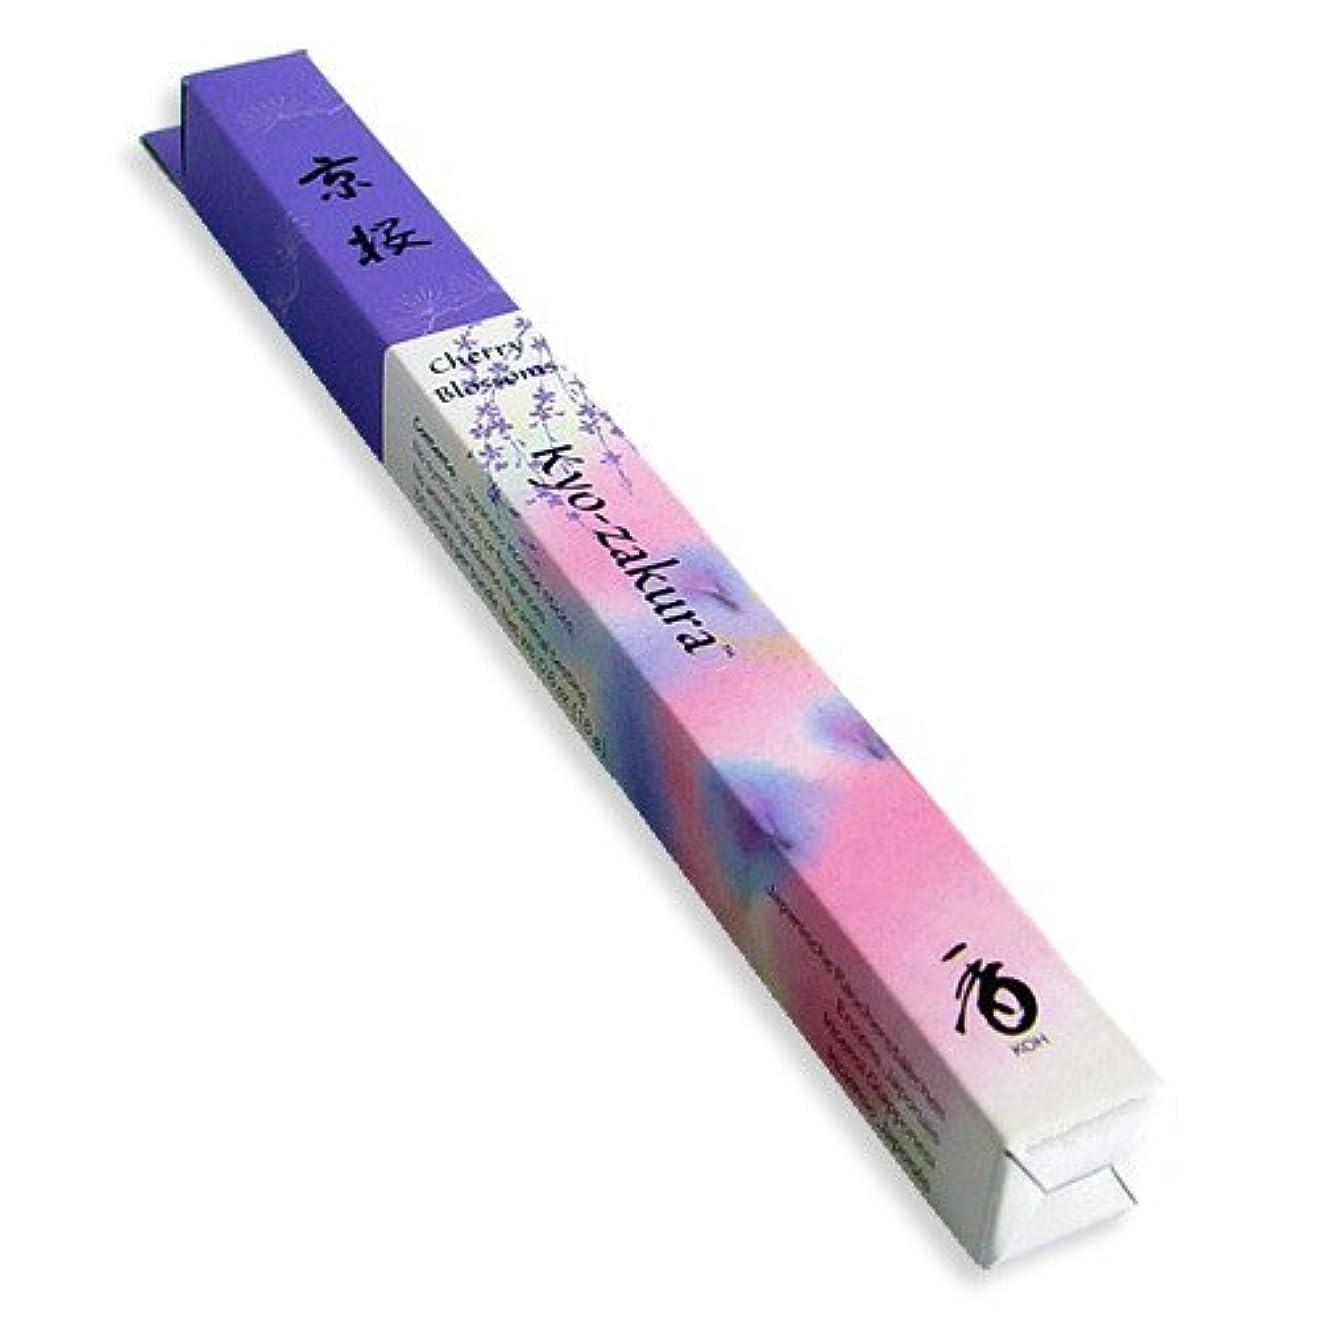 支援する計器読書をするShoyeido's Kyoto Cherry Blossoms Incense 35 sticks - Kyo-zakura [並行輸入品]